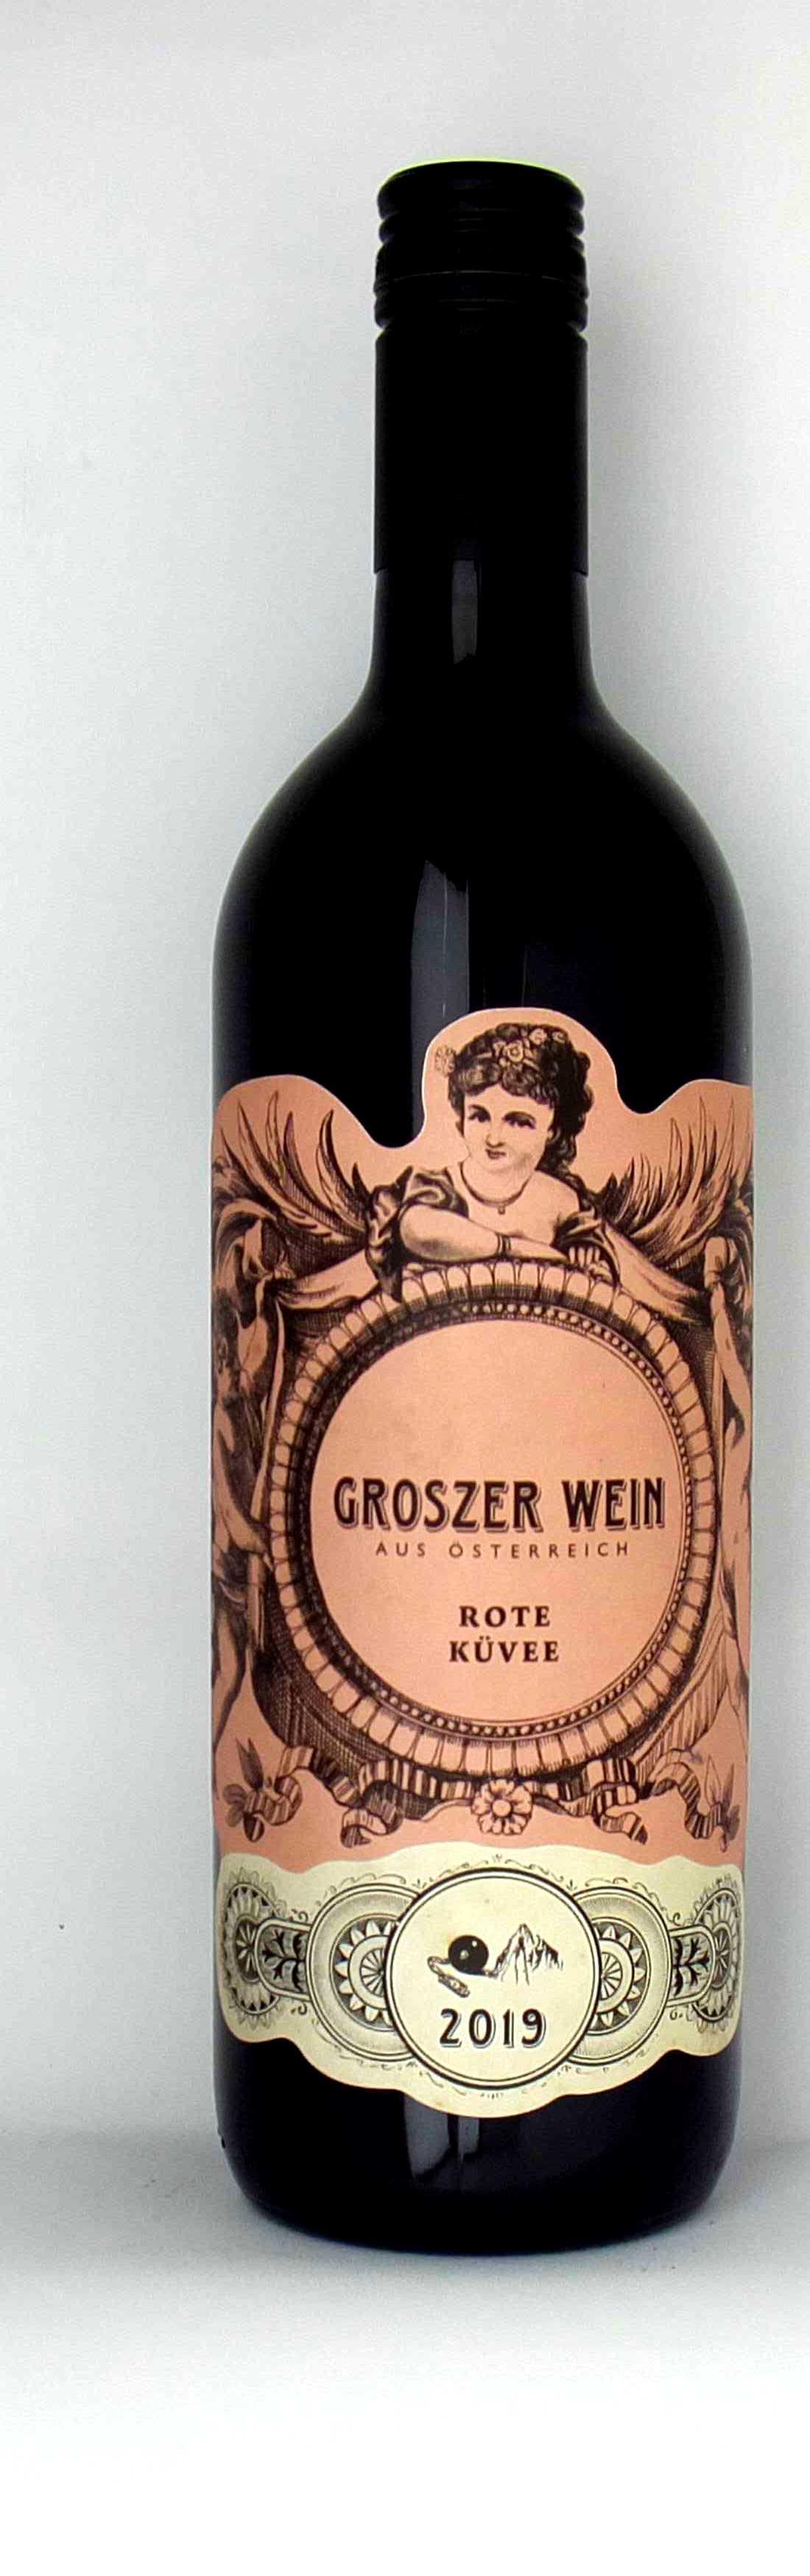 Vinothek Eisenberg Rote Küvee 2019 (BF/CS/ZW) Groszer Wein